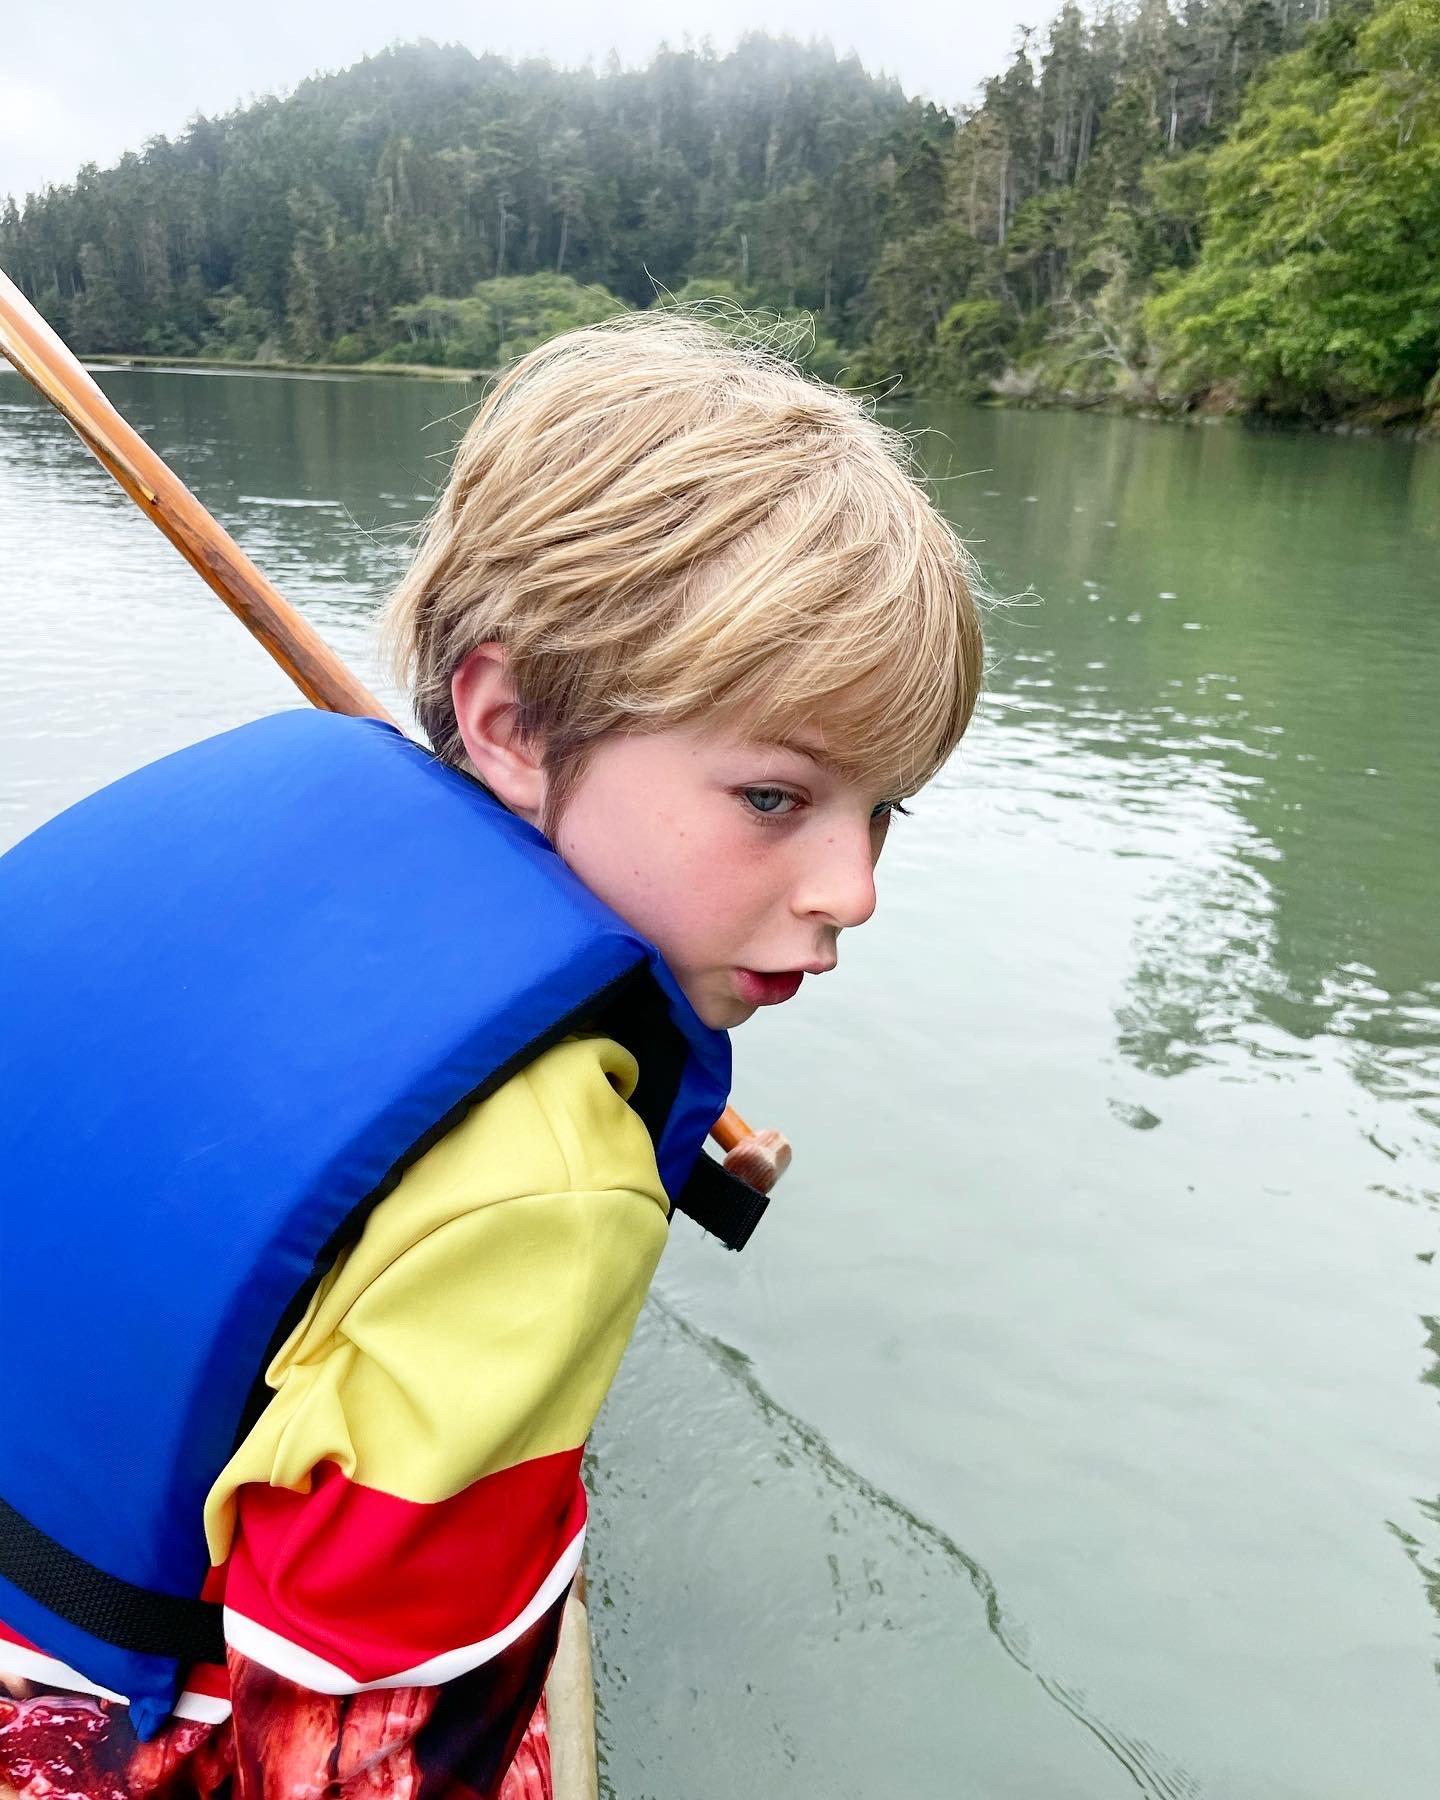 Anton canoeing